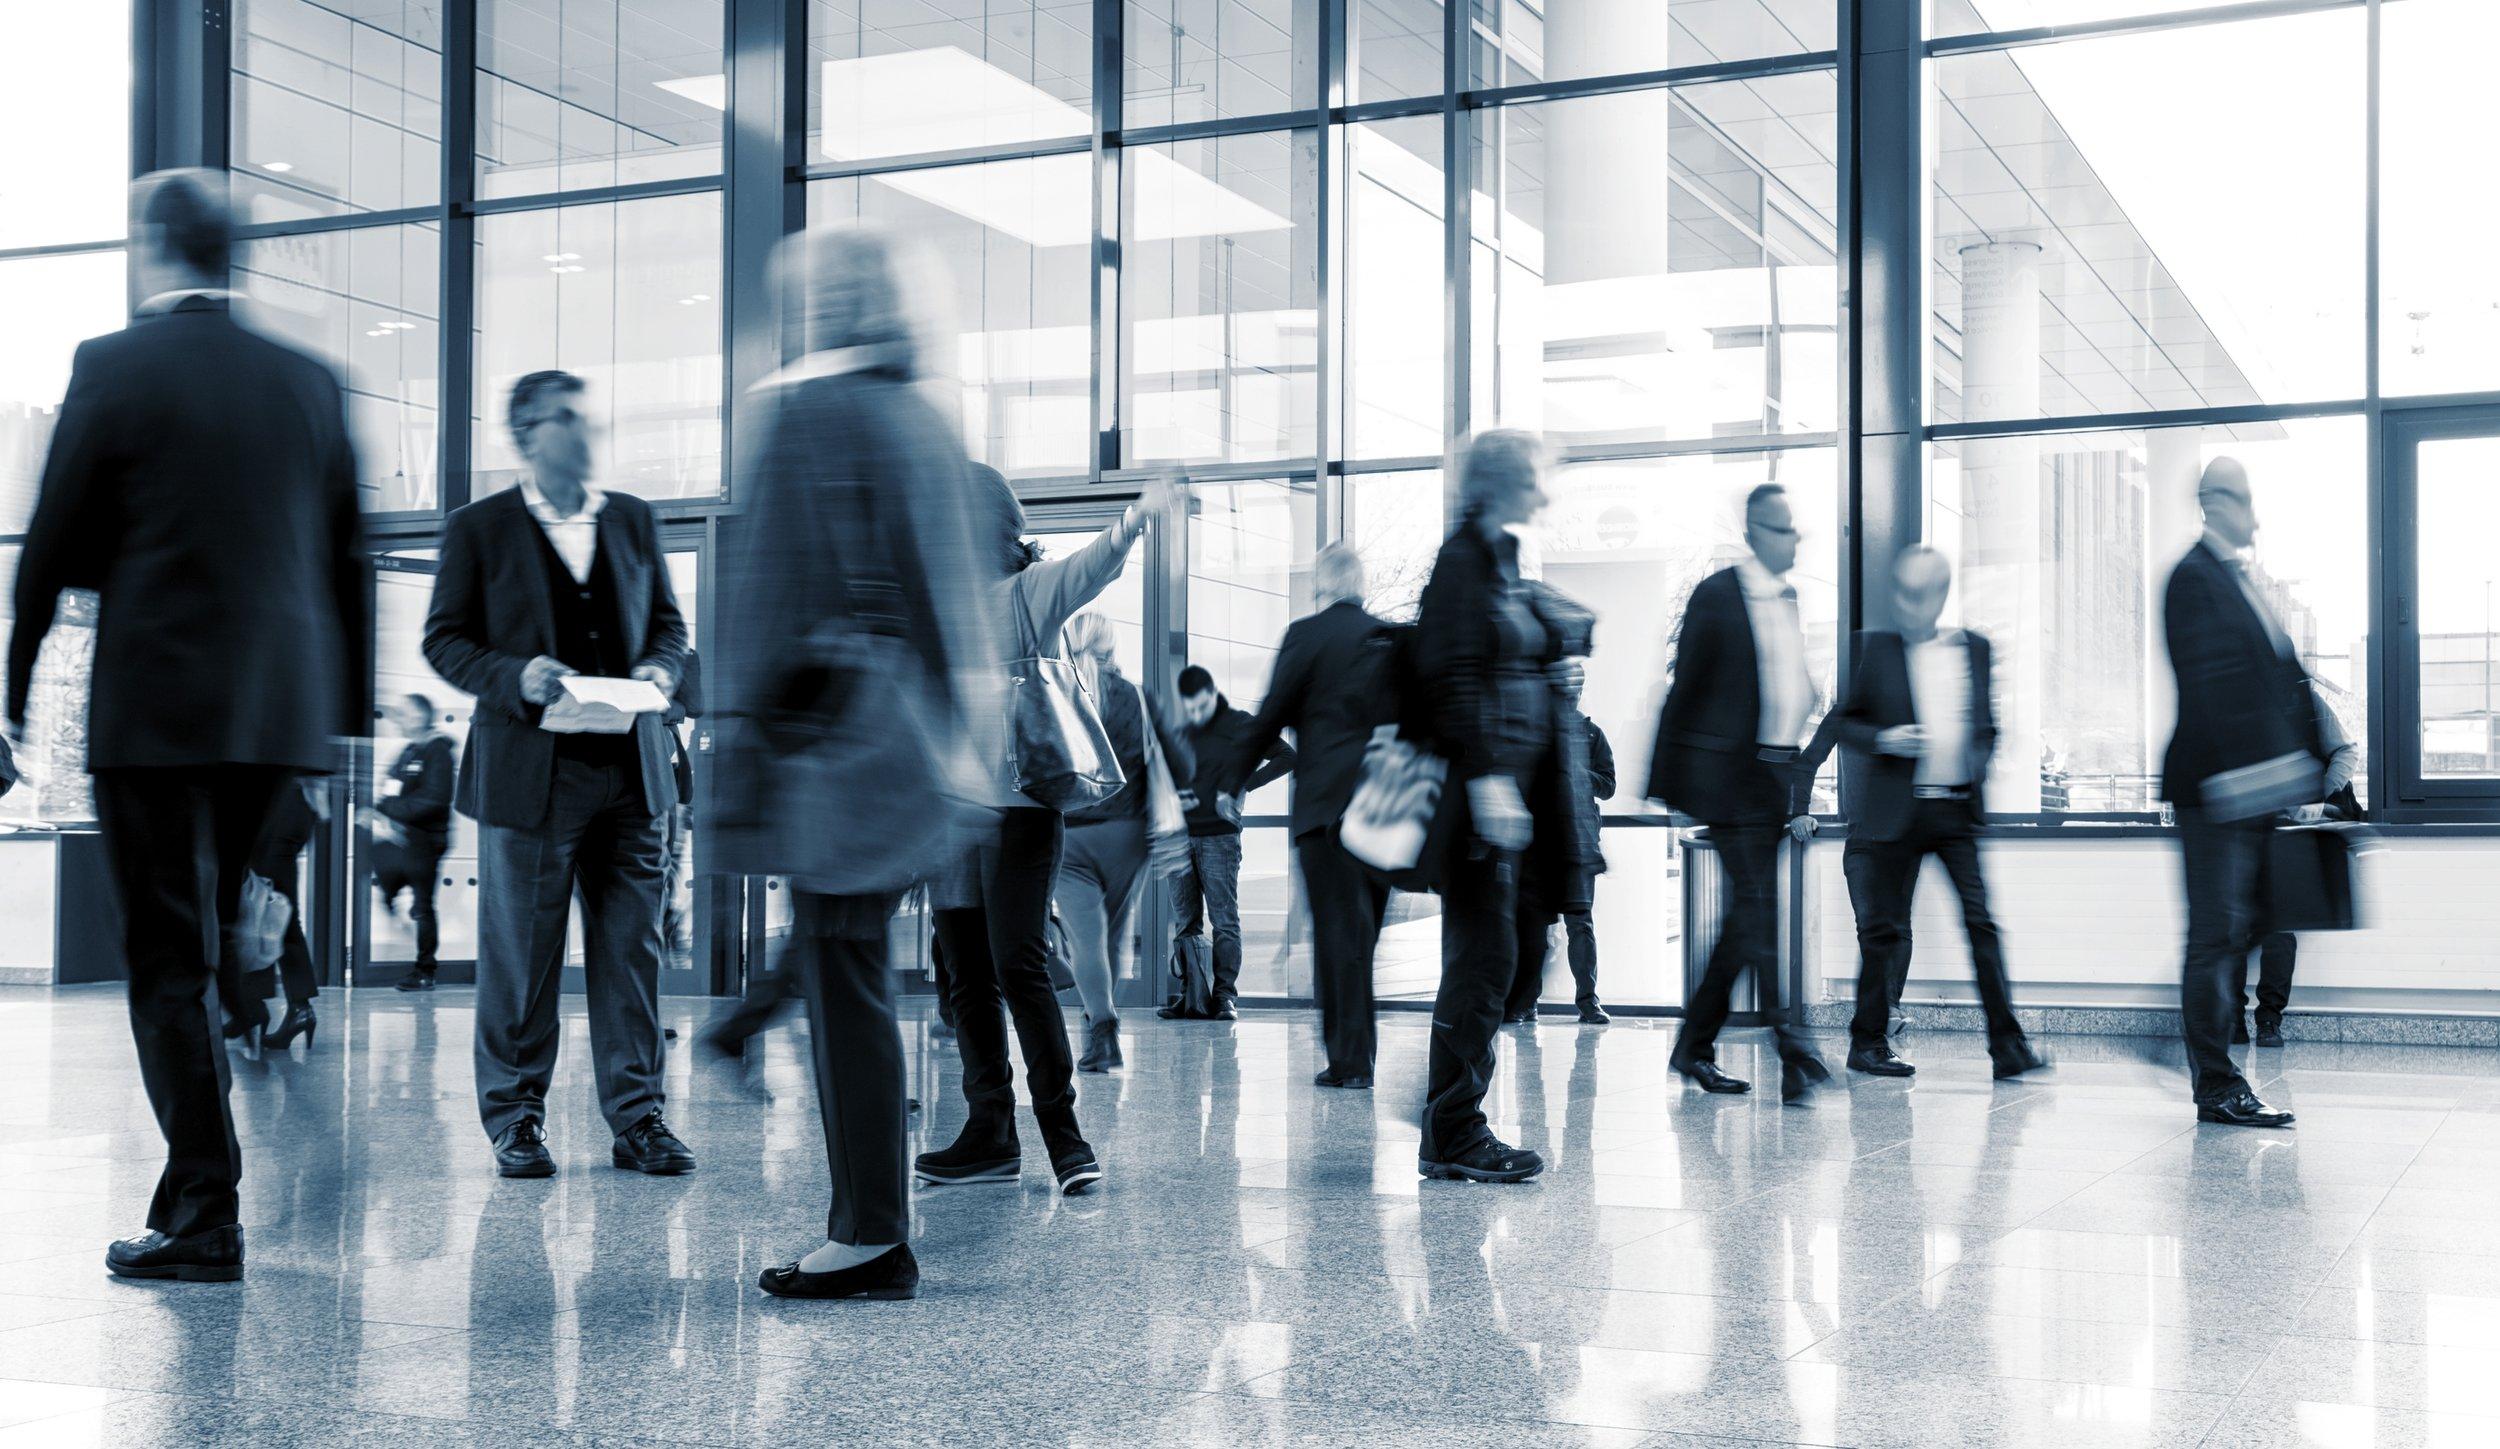 083045745-business-people-walking-commut.jpeg